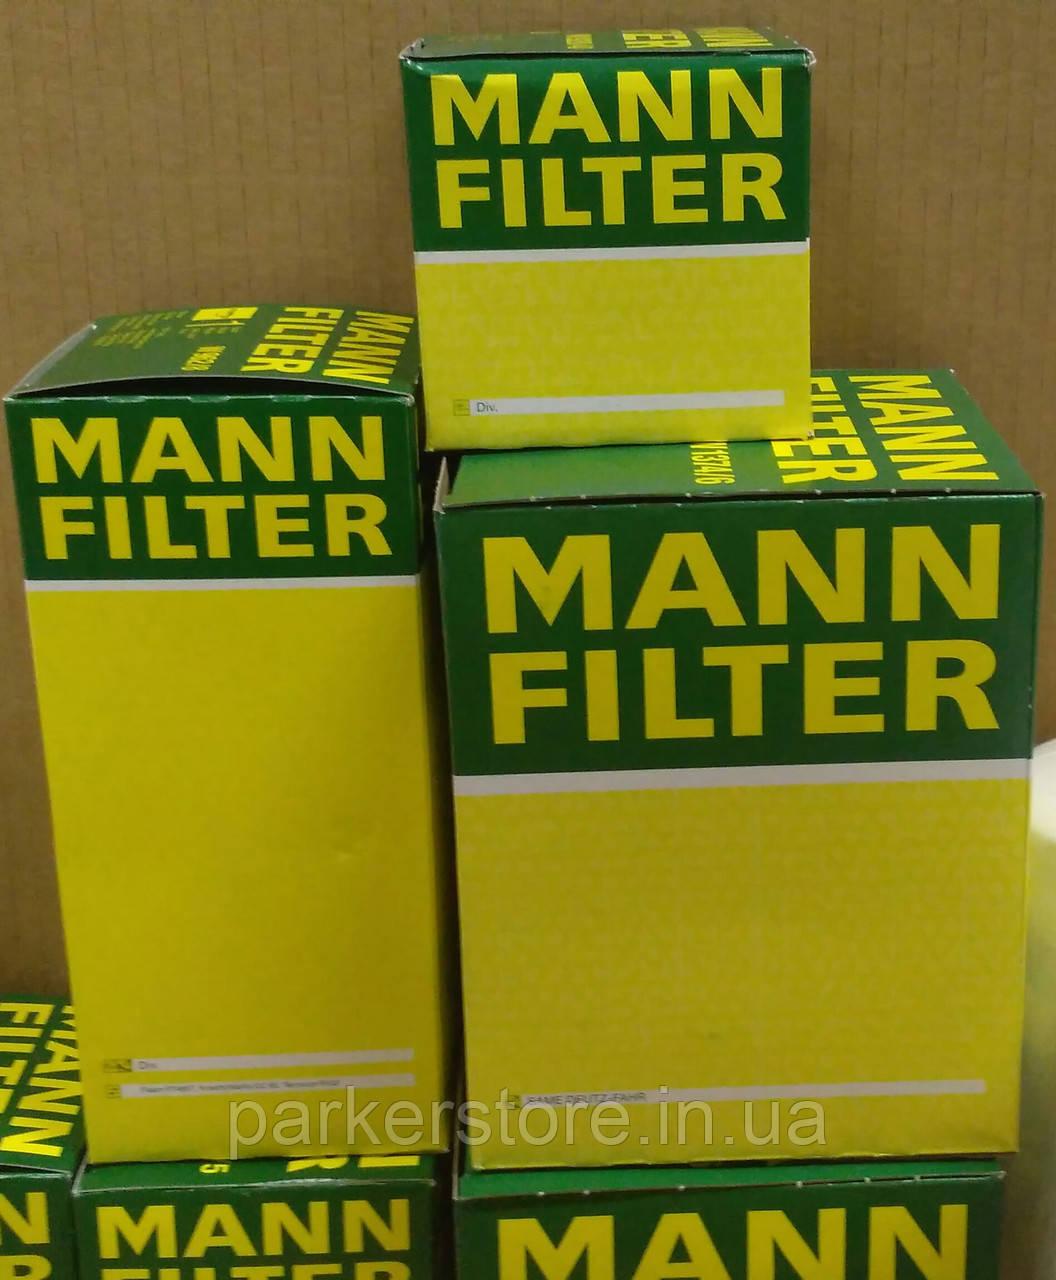 MANN FILTER / Повітряний фільтр / C 24 128 / C24128